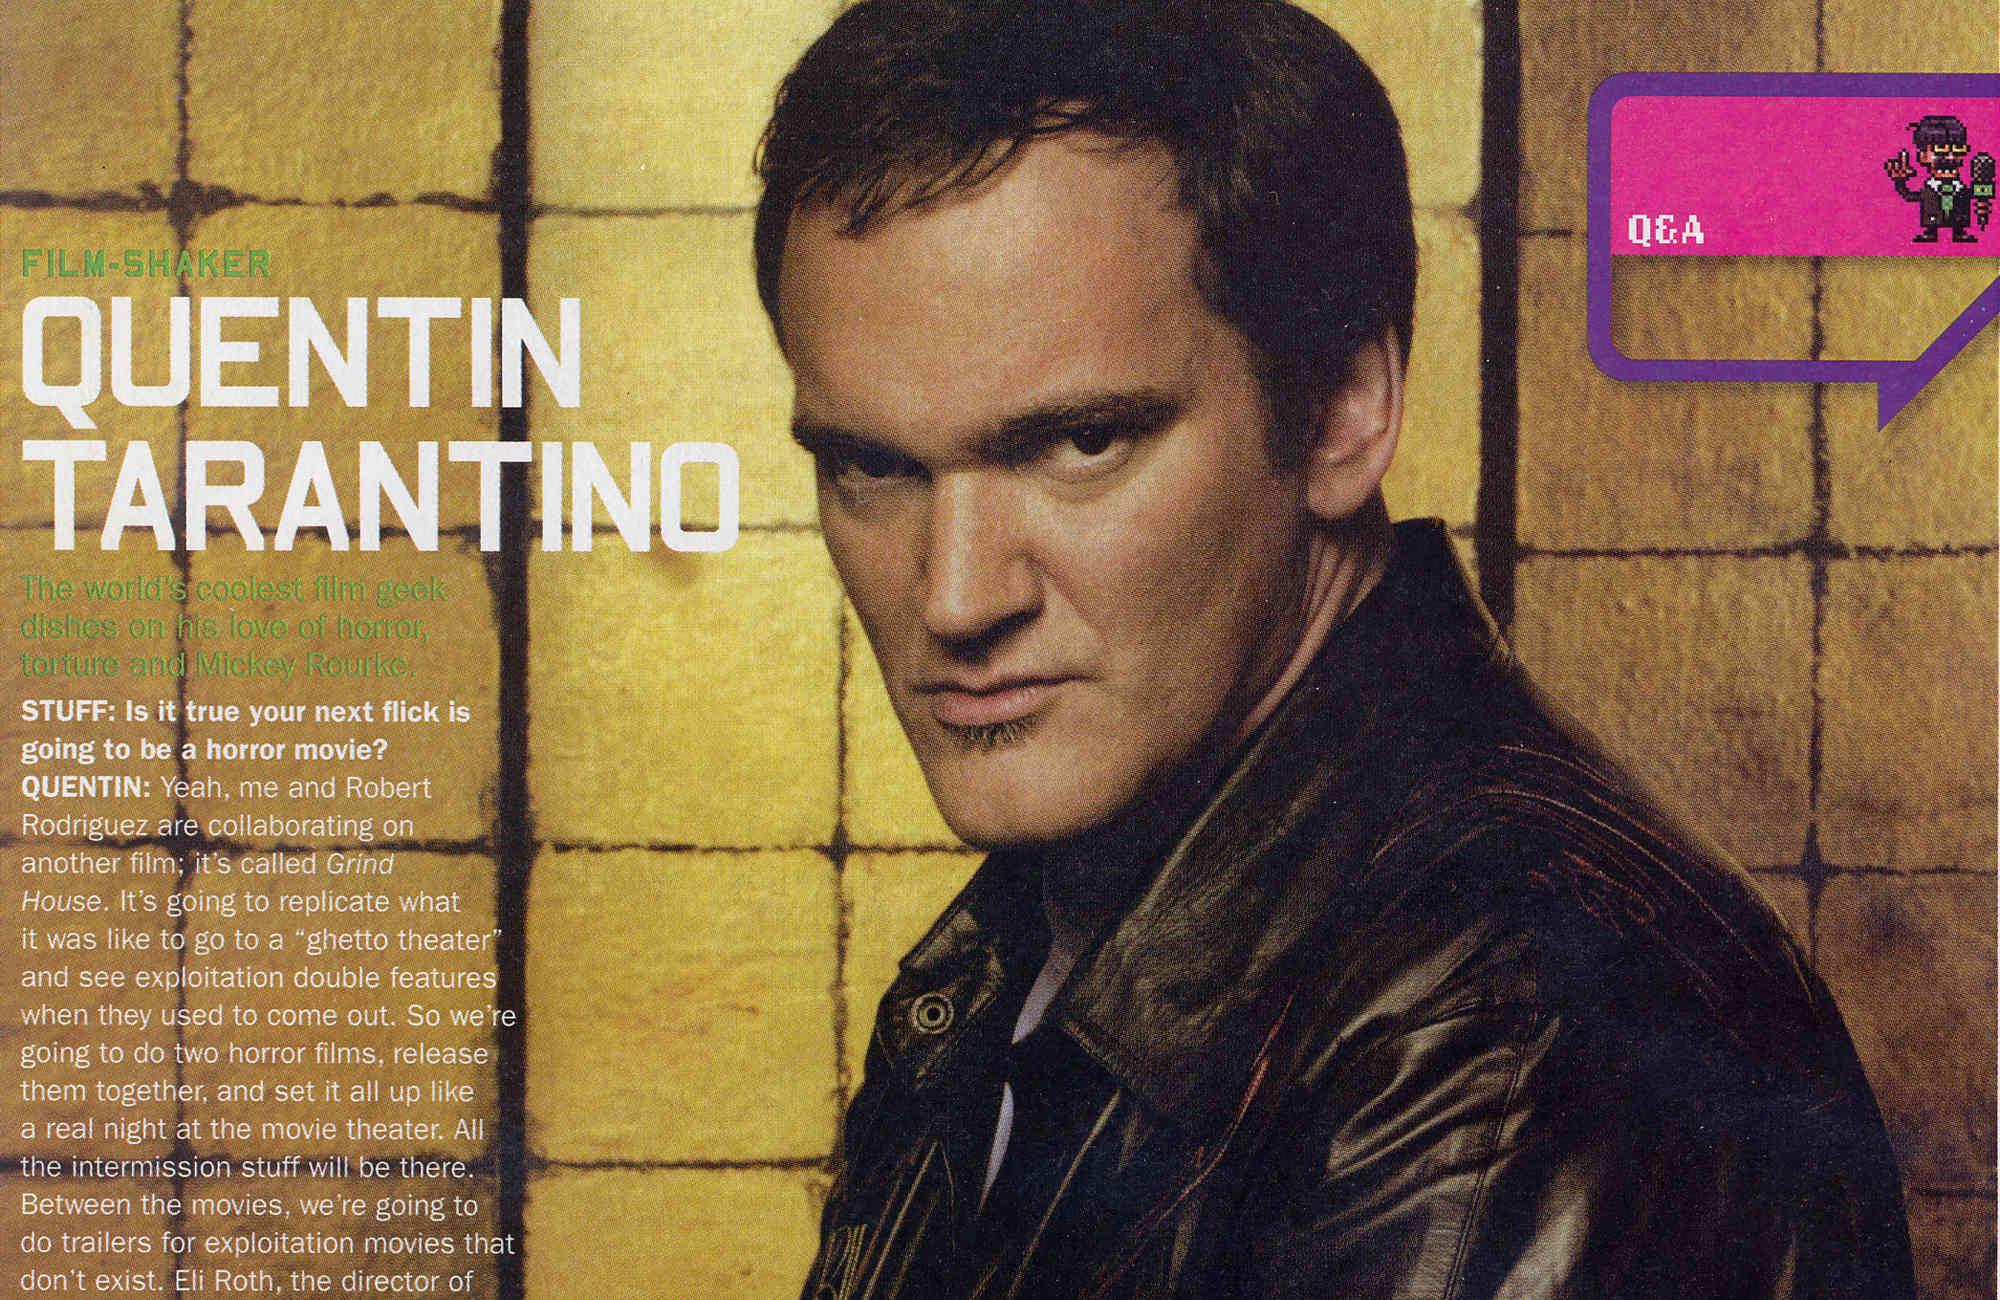 Film-Shaker: Quentin Tarantino